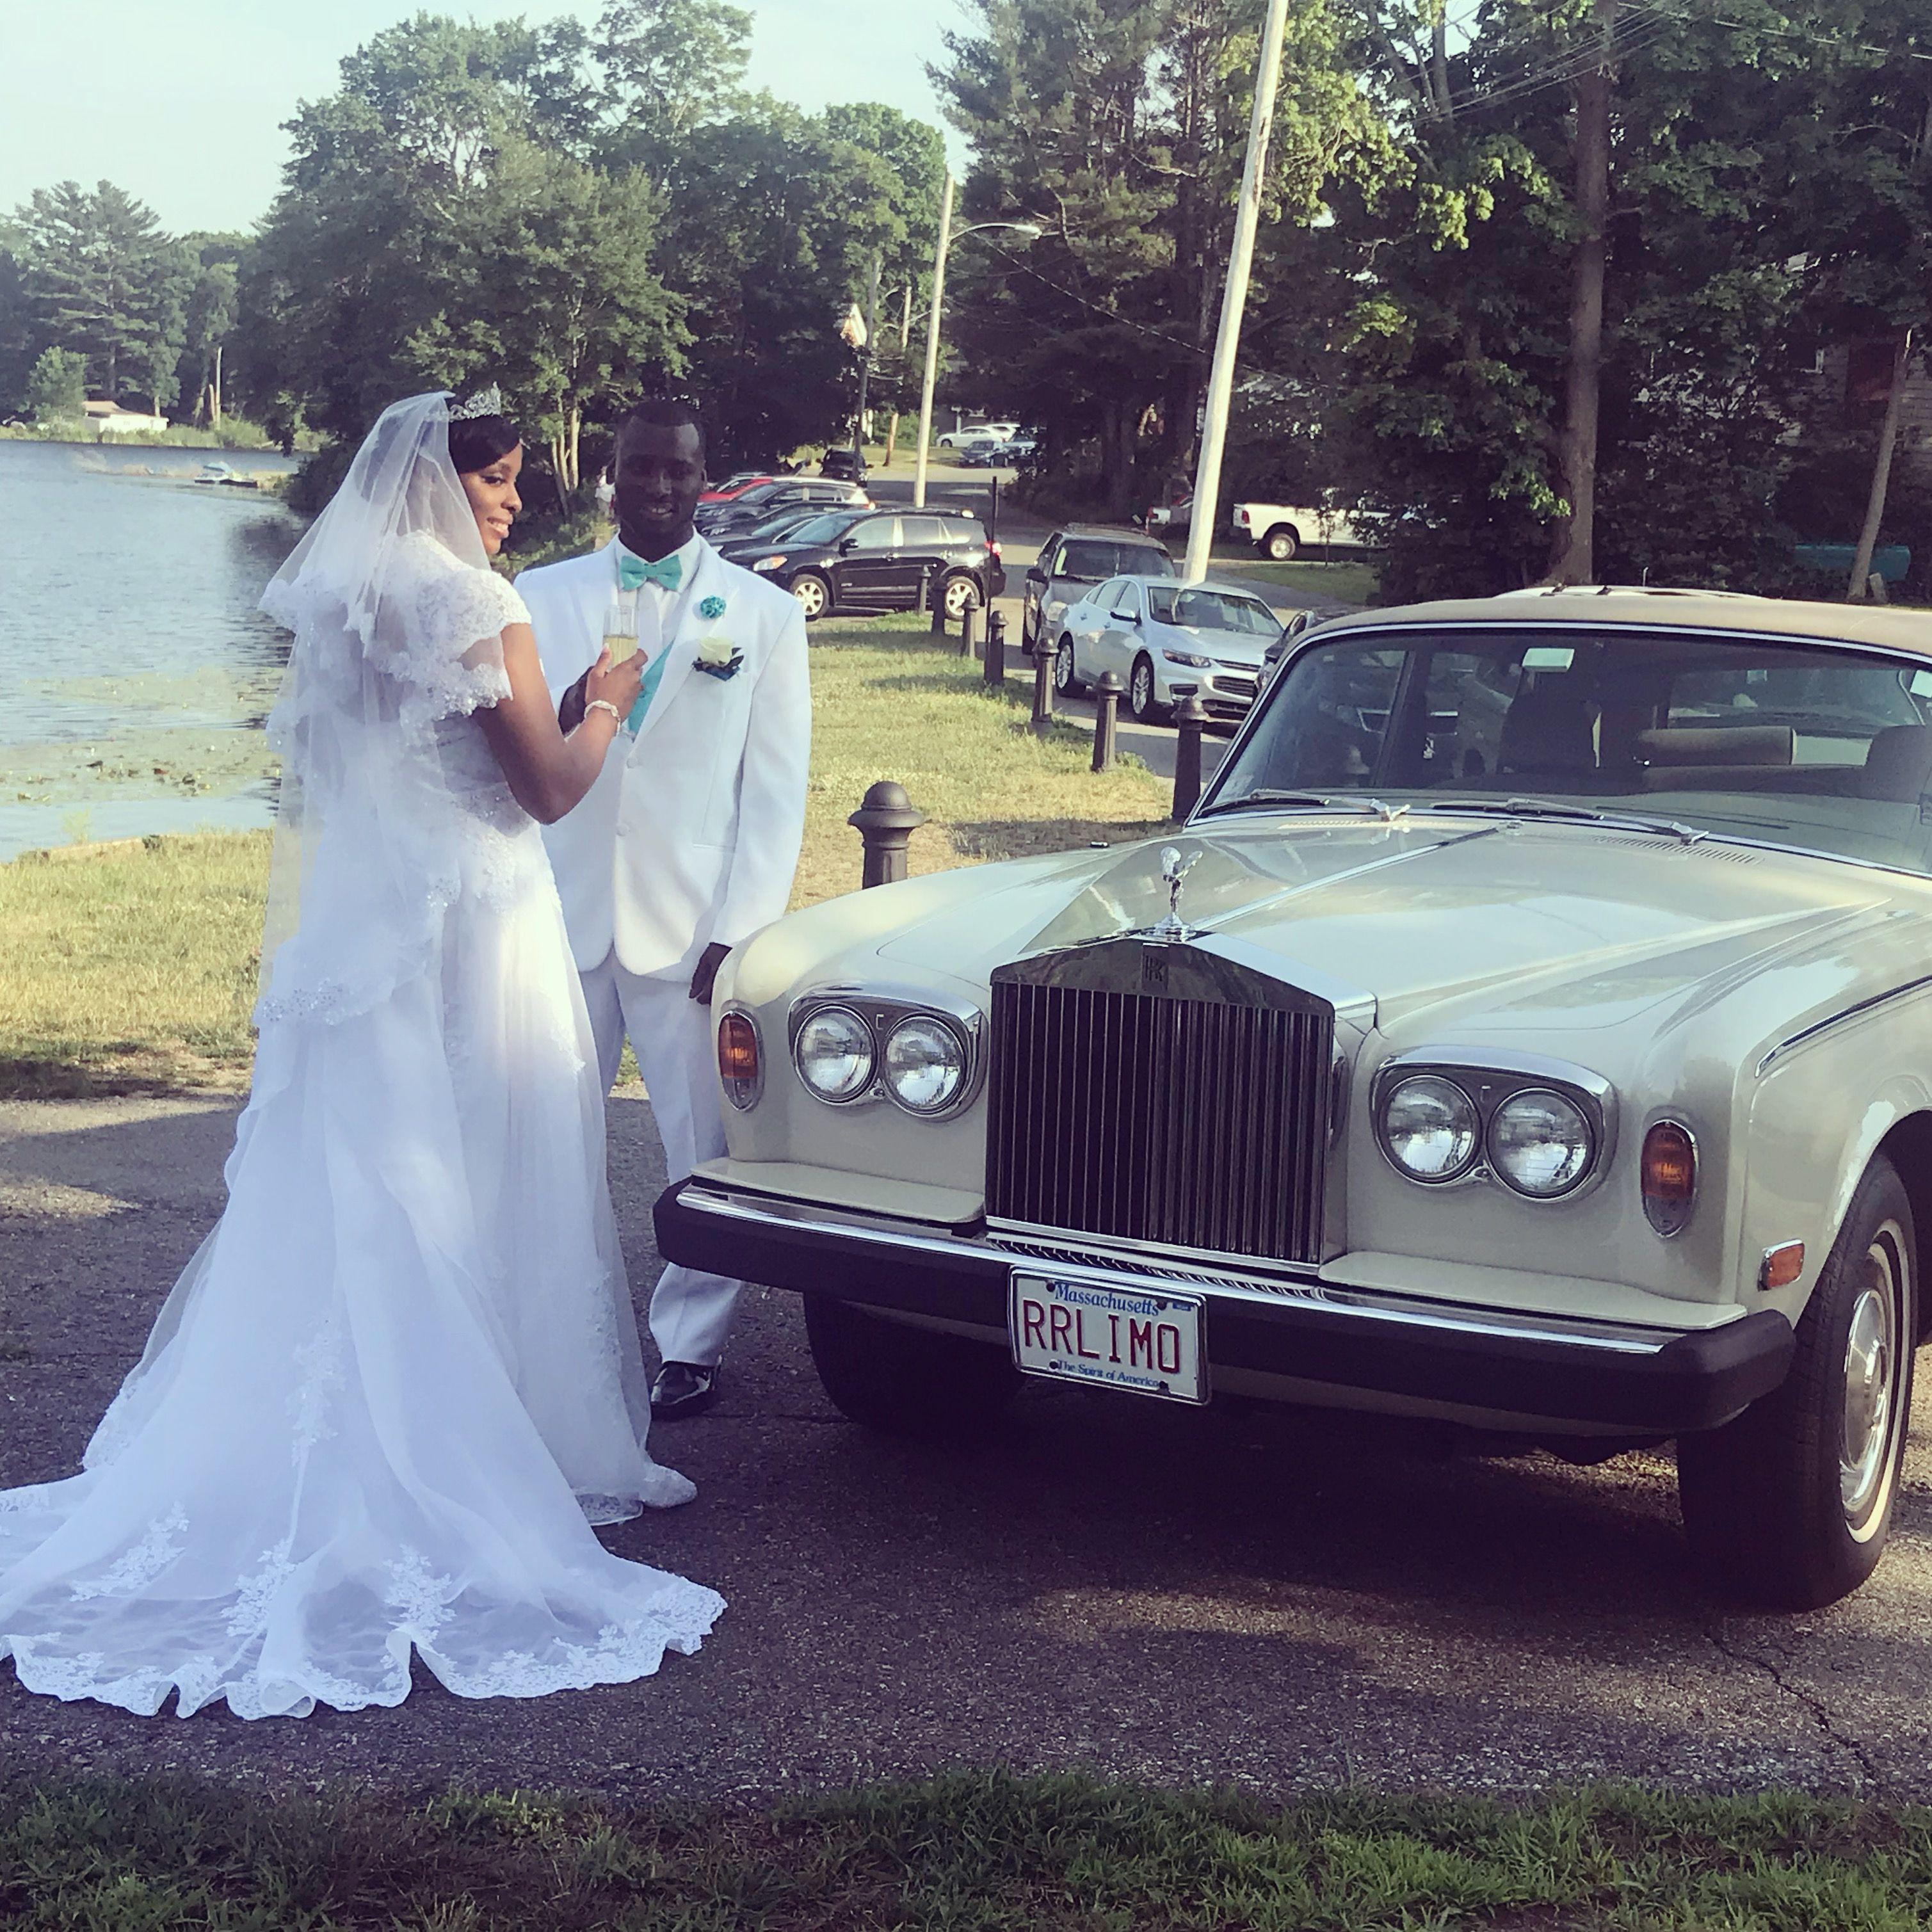 Hire Vintage Car Classic Car Rental Boston Rolls Royce For Weddings Classic Car Rental Vintage Cars Rolls Royce